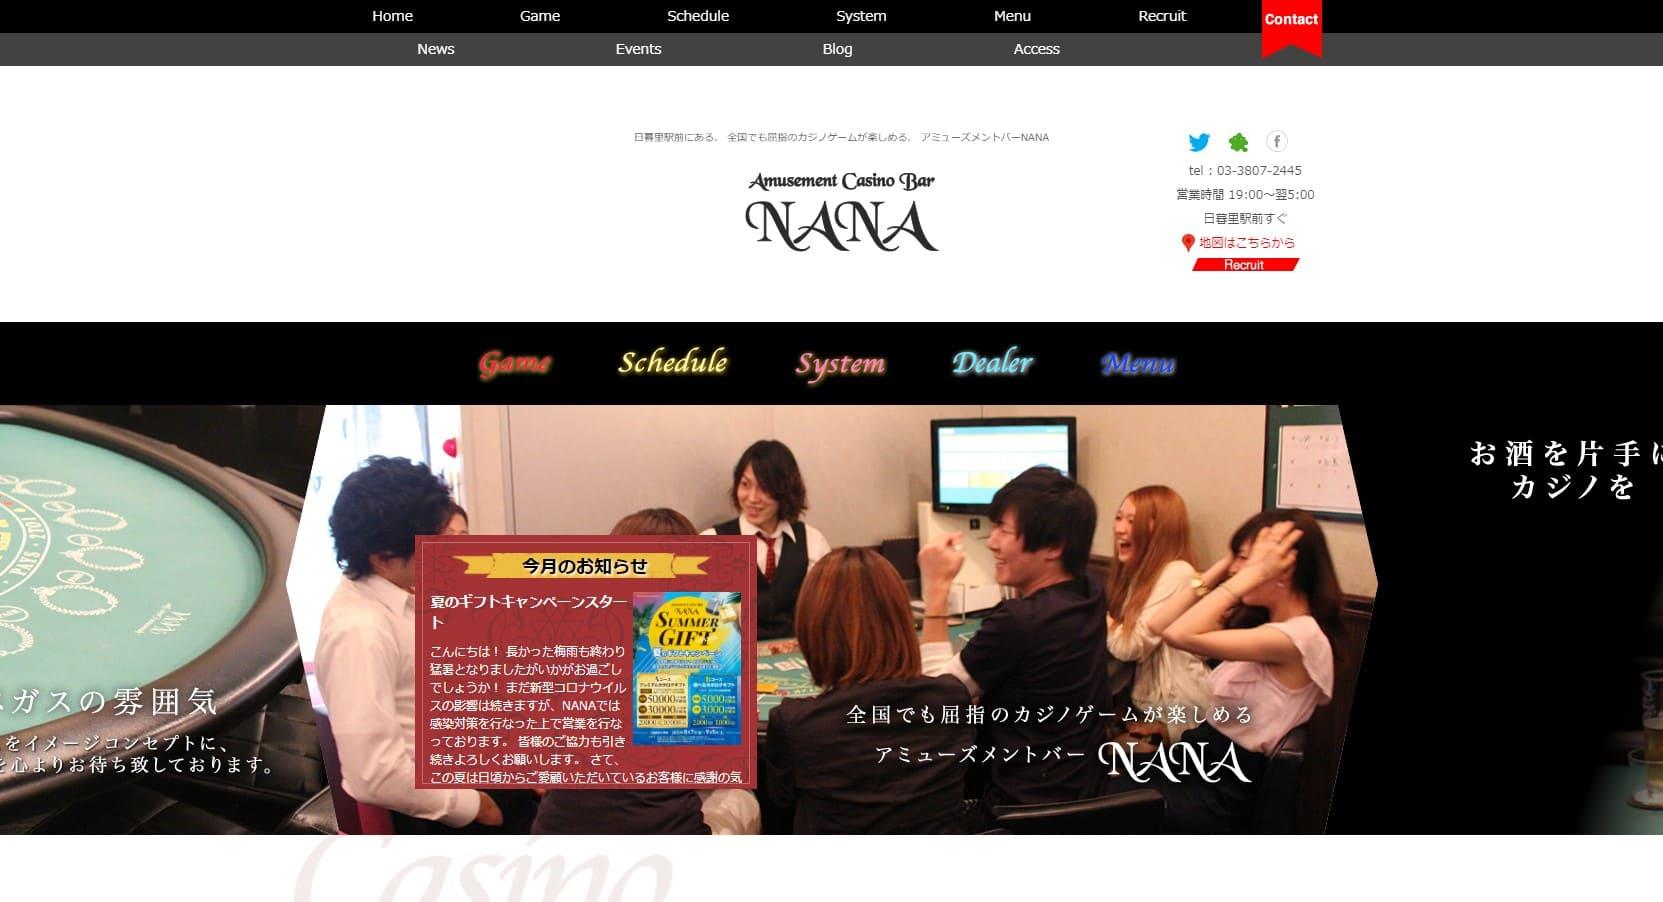 カジノバーNANAのウェブサイト画像。